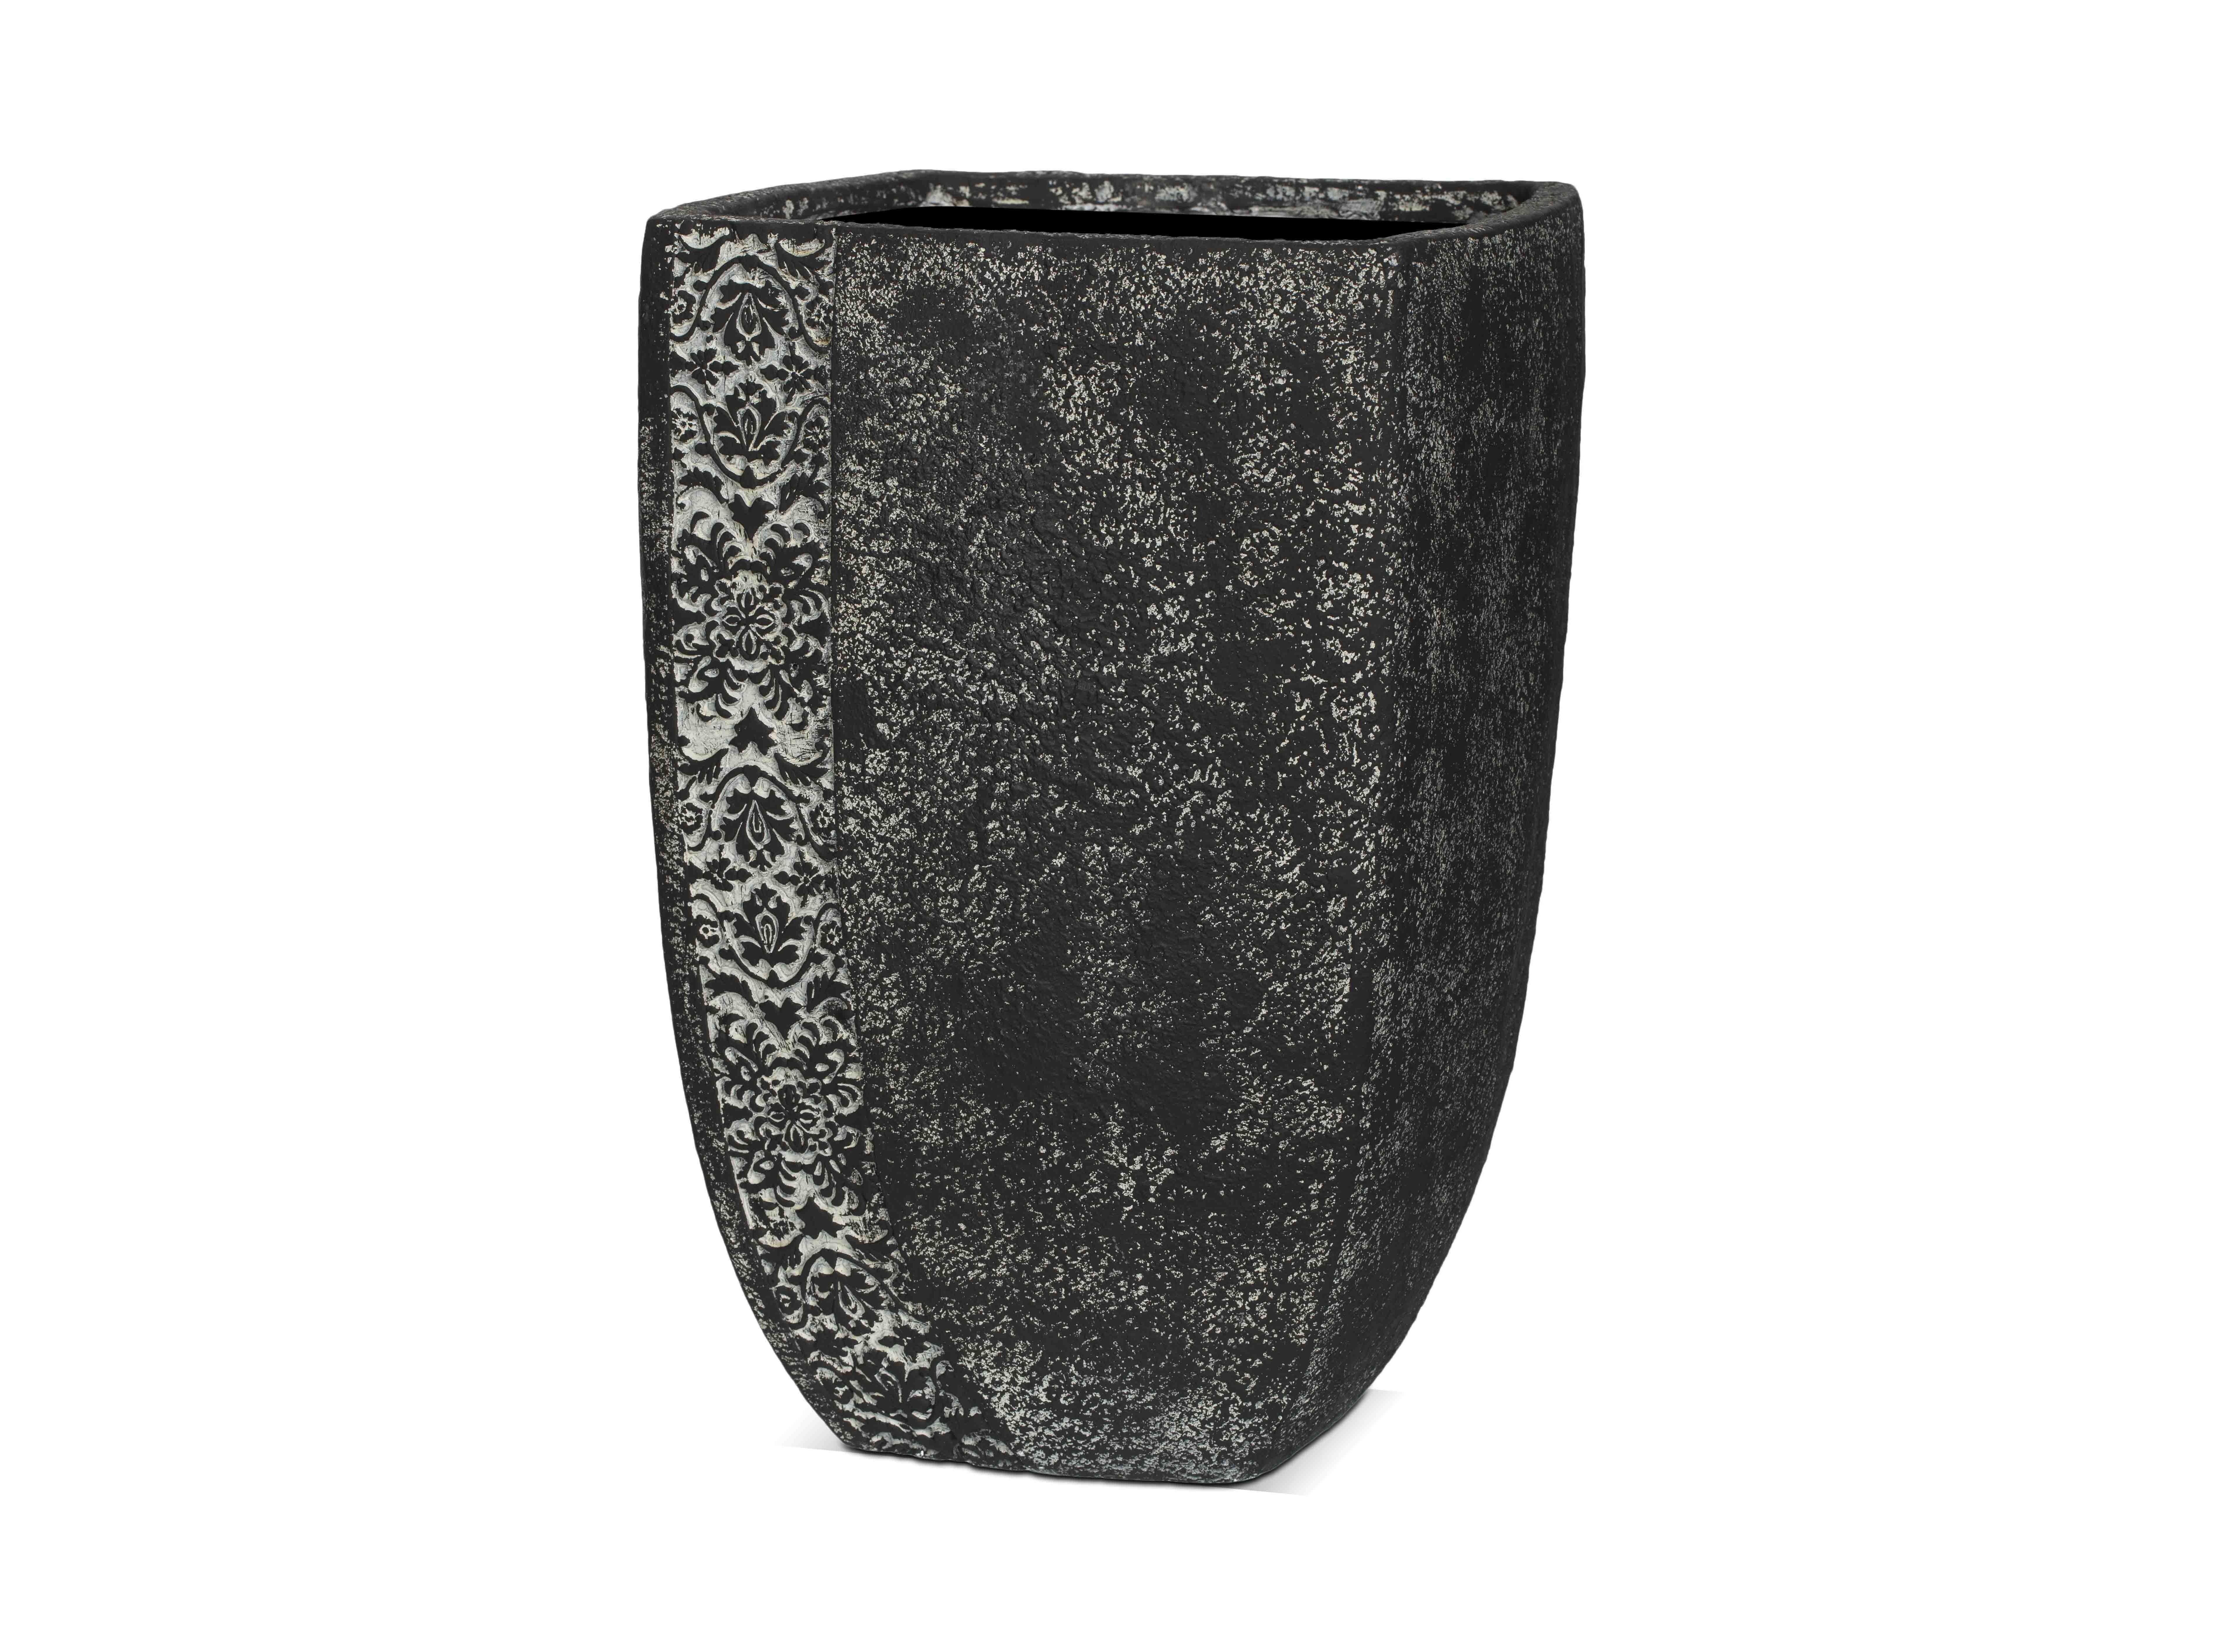 Ваза ТУЛУЗАКашпо и подставки для дачи и сада<br>CAPI CLASSIC – это вазы в классическом французском стиле.  Вазы отличаются  декоративной каймой с изысканным цветочным узором.  <br>Коллекцию дополняют пьедесталы, с которыми вазы прекрасно согласуются и величественно выглядят рядом с входной дверью или на классической террасе.  Комплекты из ваз не только позволяют создать  красивую композицию, но и значительно облегчают уход за растениями. С их помощью легко расставить акценты на тропинках, входе в дом или на террасе.<br>Вазы CAPI EUROPE не боятся перепадов температуры и влажности воздуха. Все вазы могут быть использованы в доме и на улице круглый год. На дне каждой вазы есть дренажное отверстие, что позволит уберечь  вазу в морозы.<br><br>Material: Полистоун<br>Length см: None<br>Width см: 43<br>Depth см: 39<br>Height см: 64<br>Diameter см: None